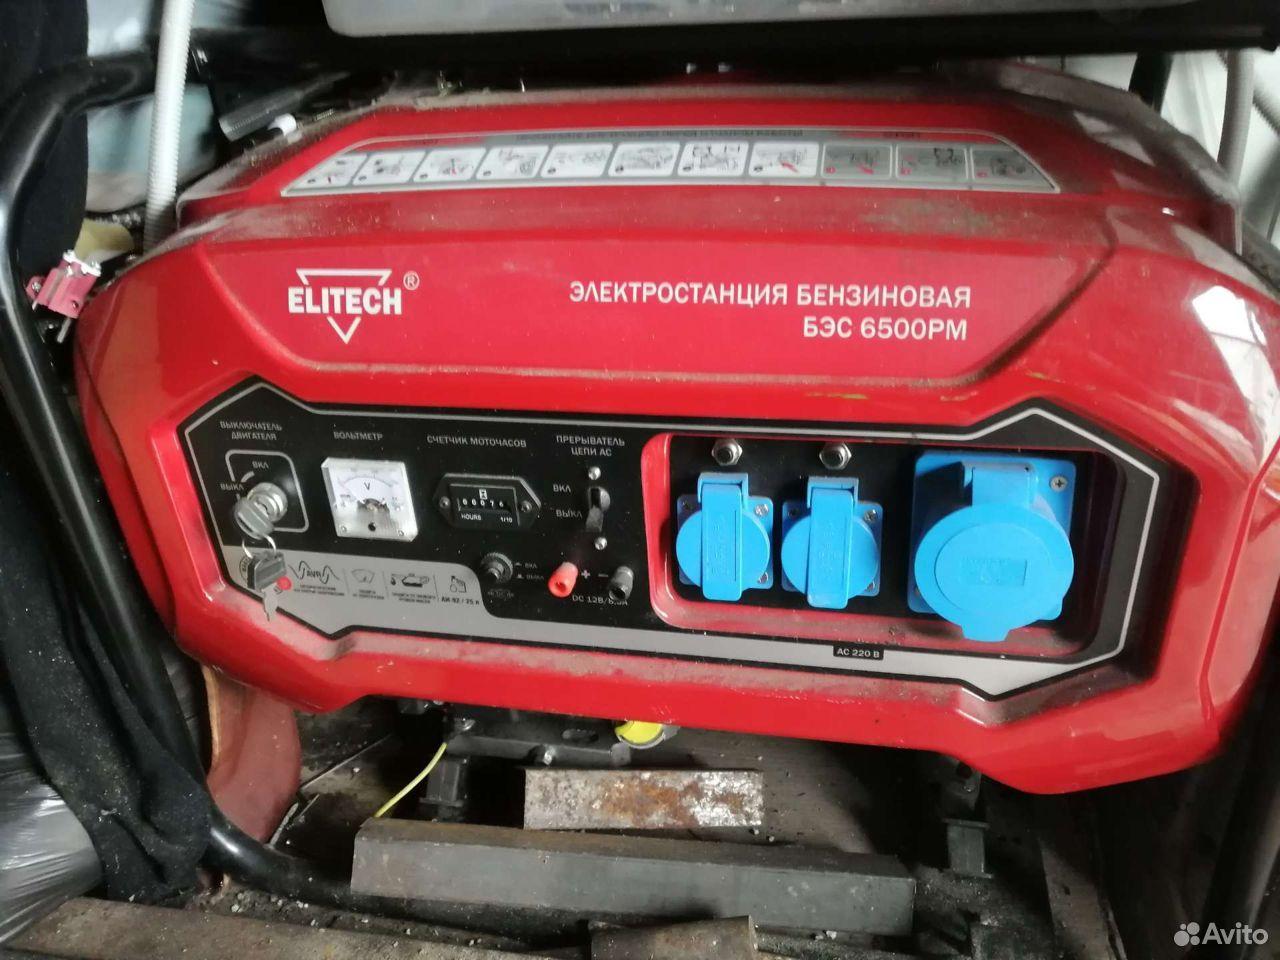 Bensin generator